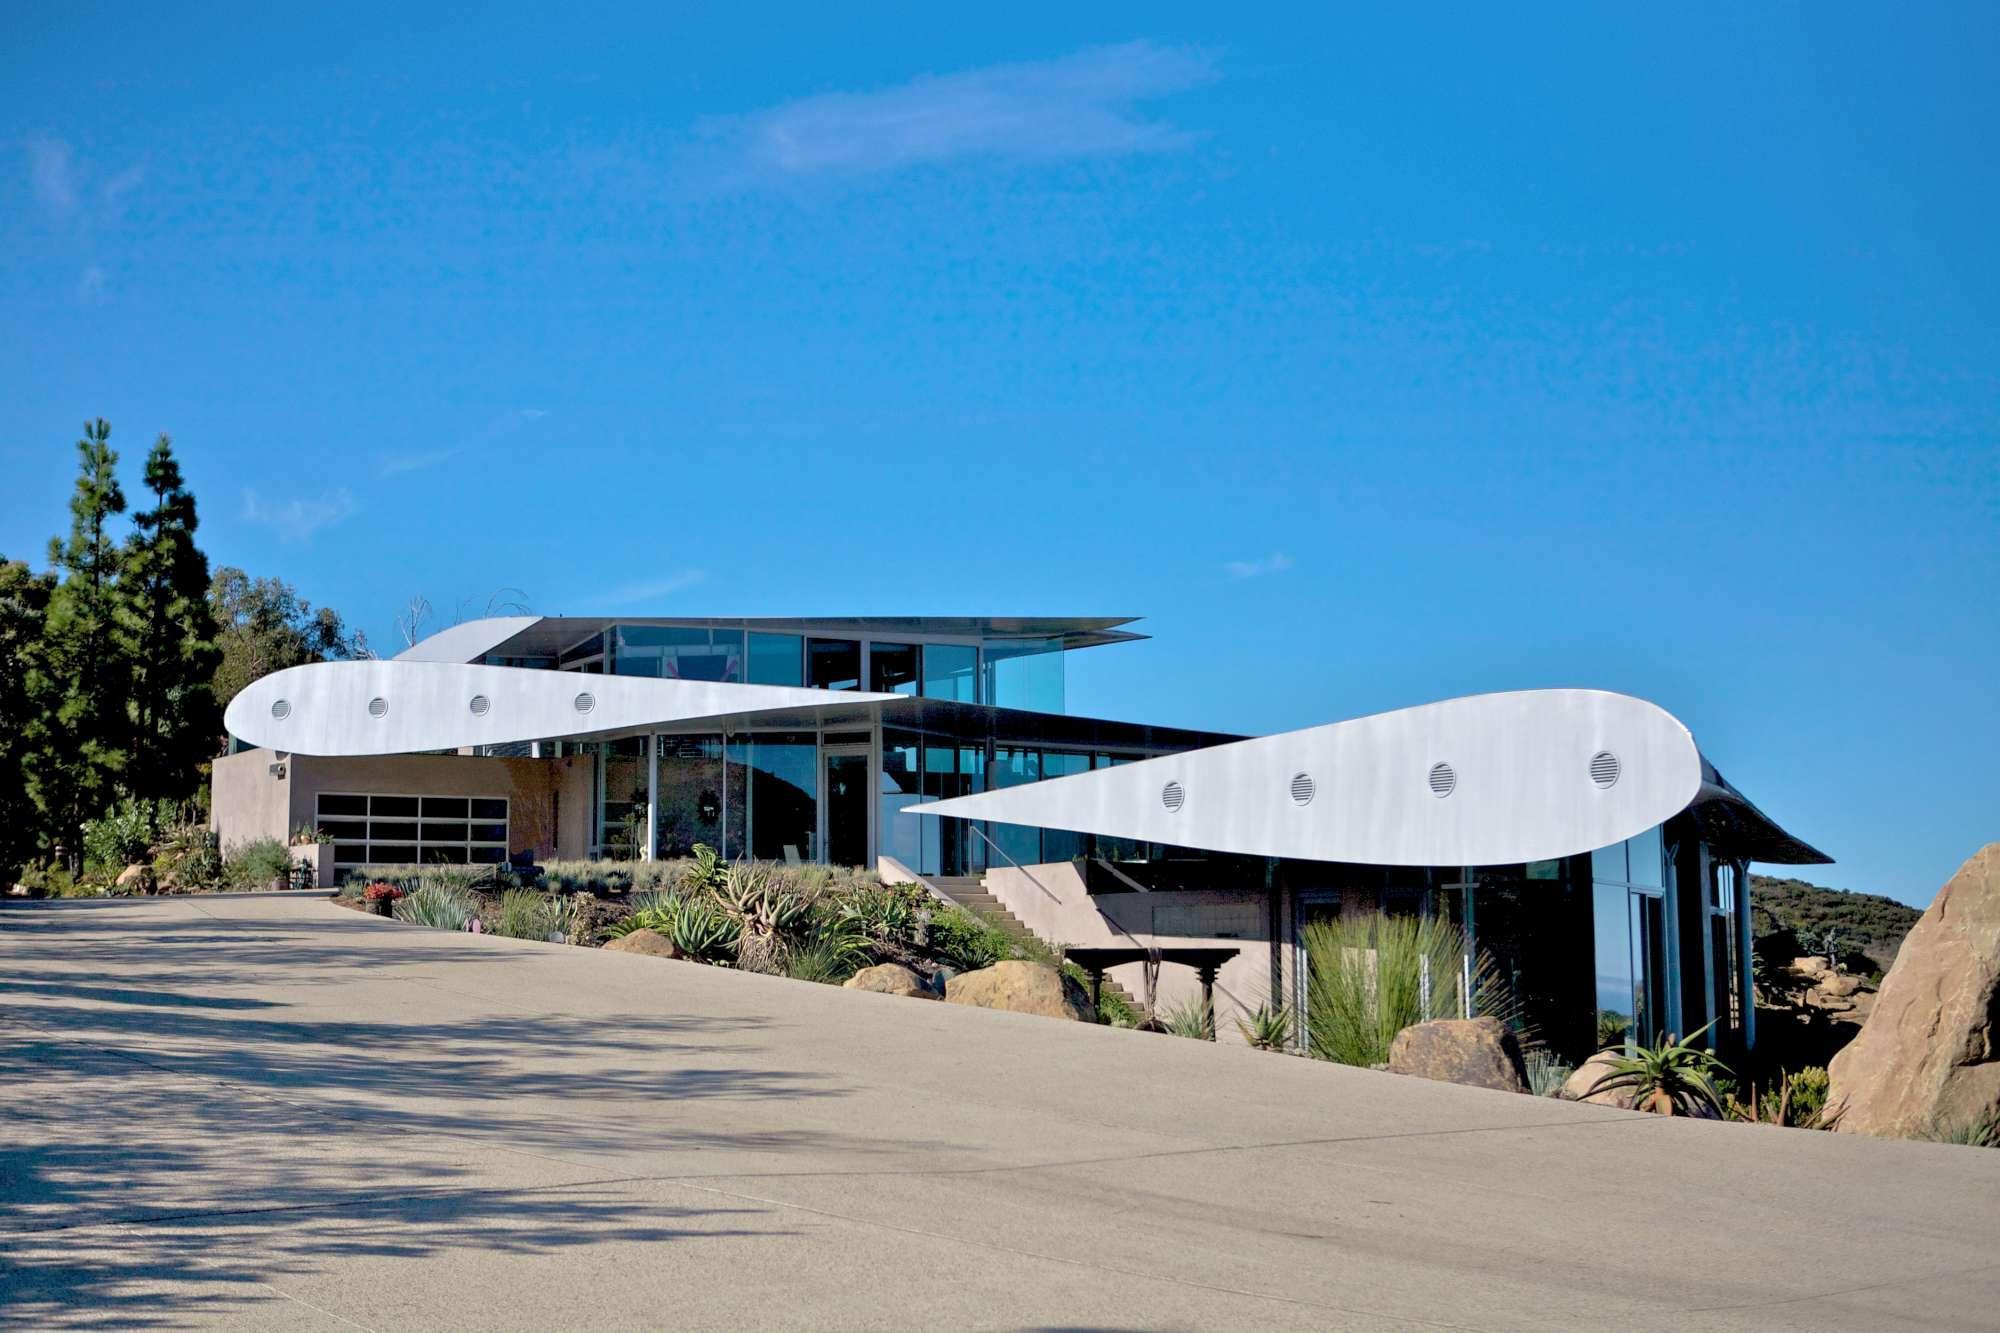 Malibu ecco la casa costruita con un vero boeing 747 for Casa costruita